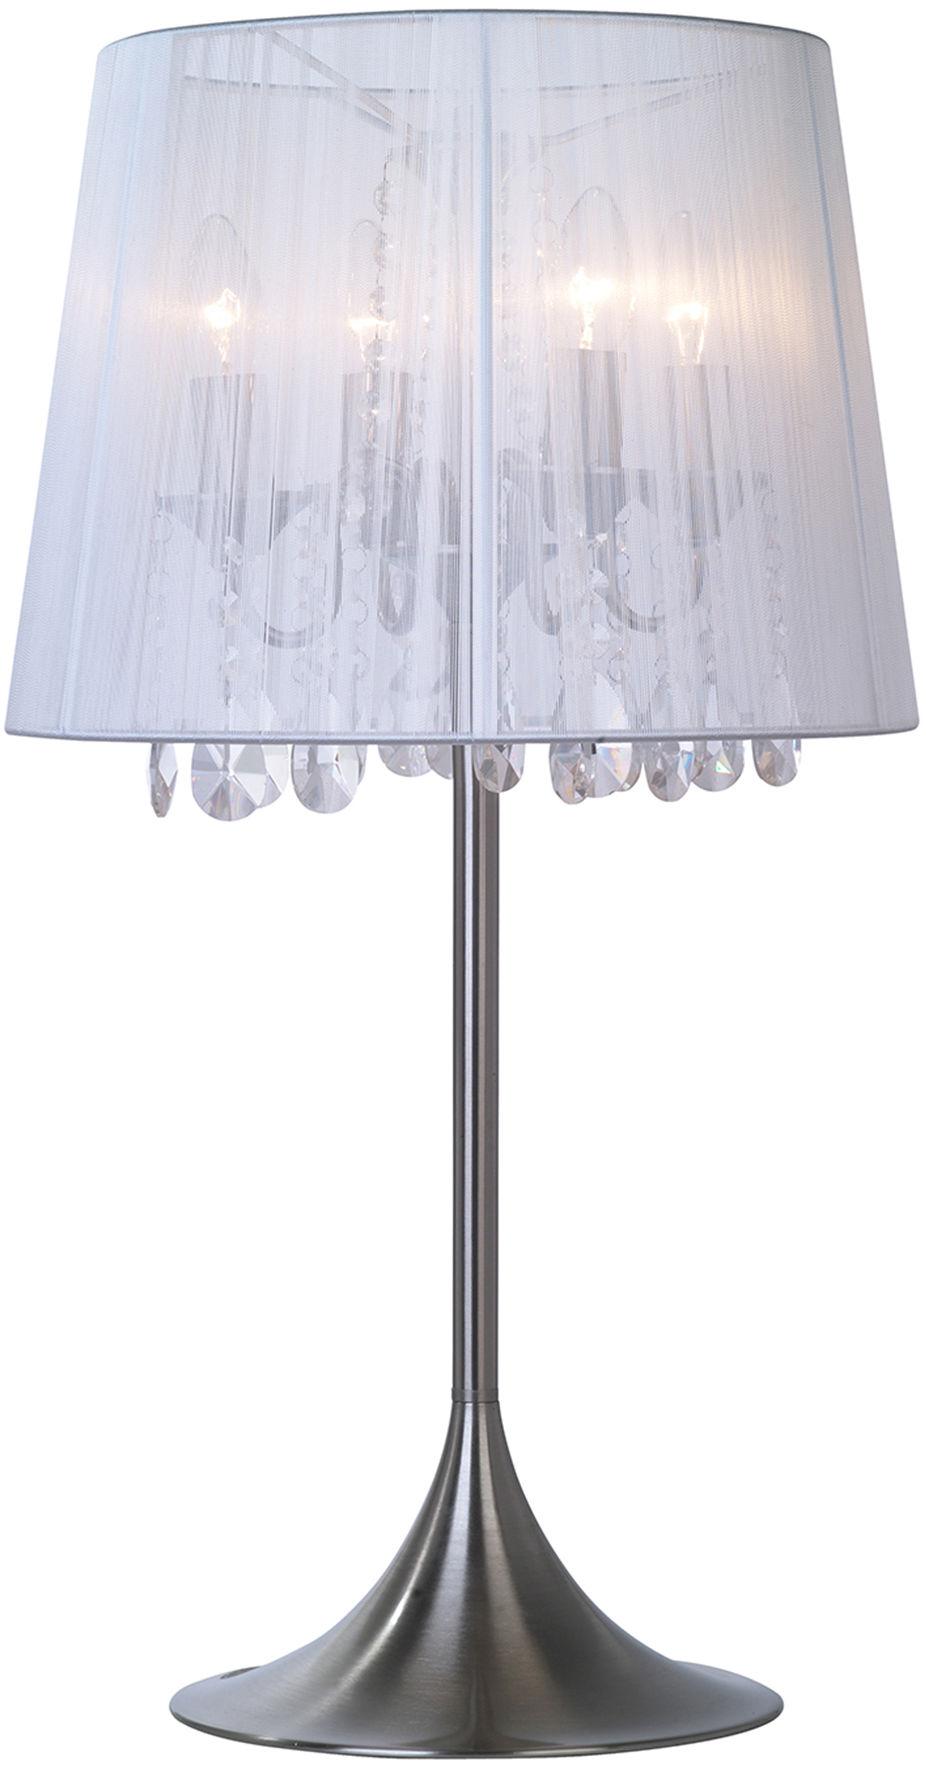 RLT94123-4 ARTEMIDA LAMPA STOŁOWA